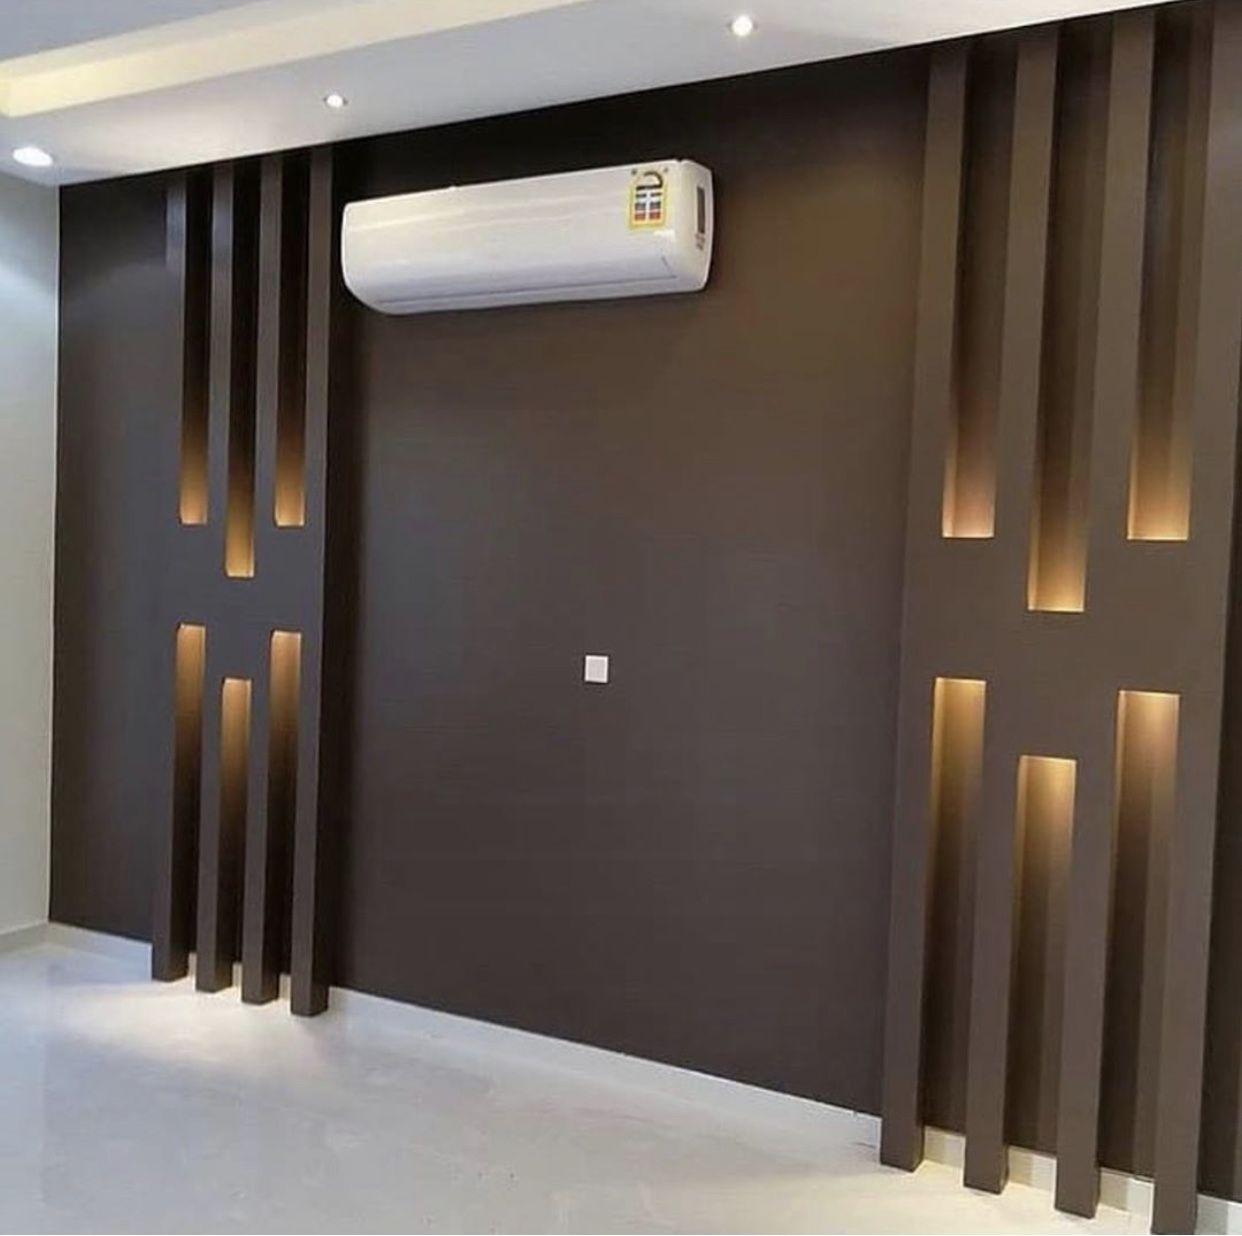 اصباغ وديكورات كل ماهو جديد في عالم الاصباغ ساده ايطالي صبغ لكر ناري ورق جدران بديل الرخام Home Room Design Diy Bathroom Design Dining Room Design Modern